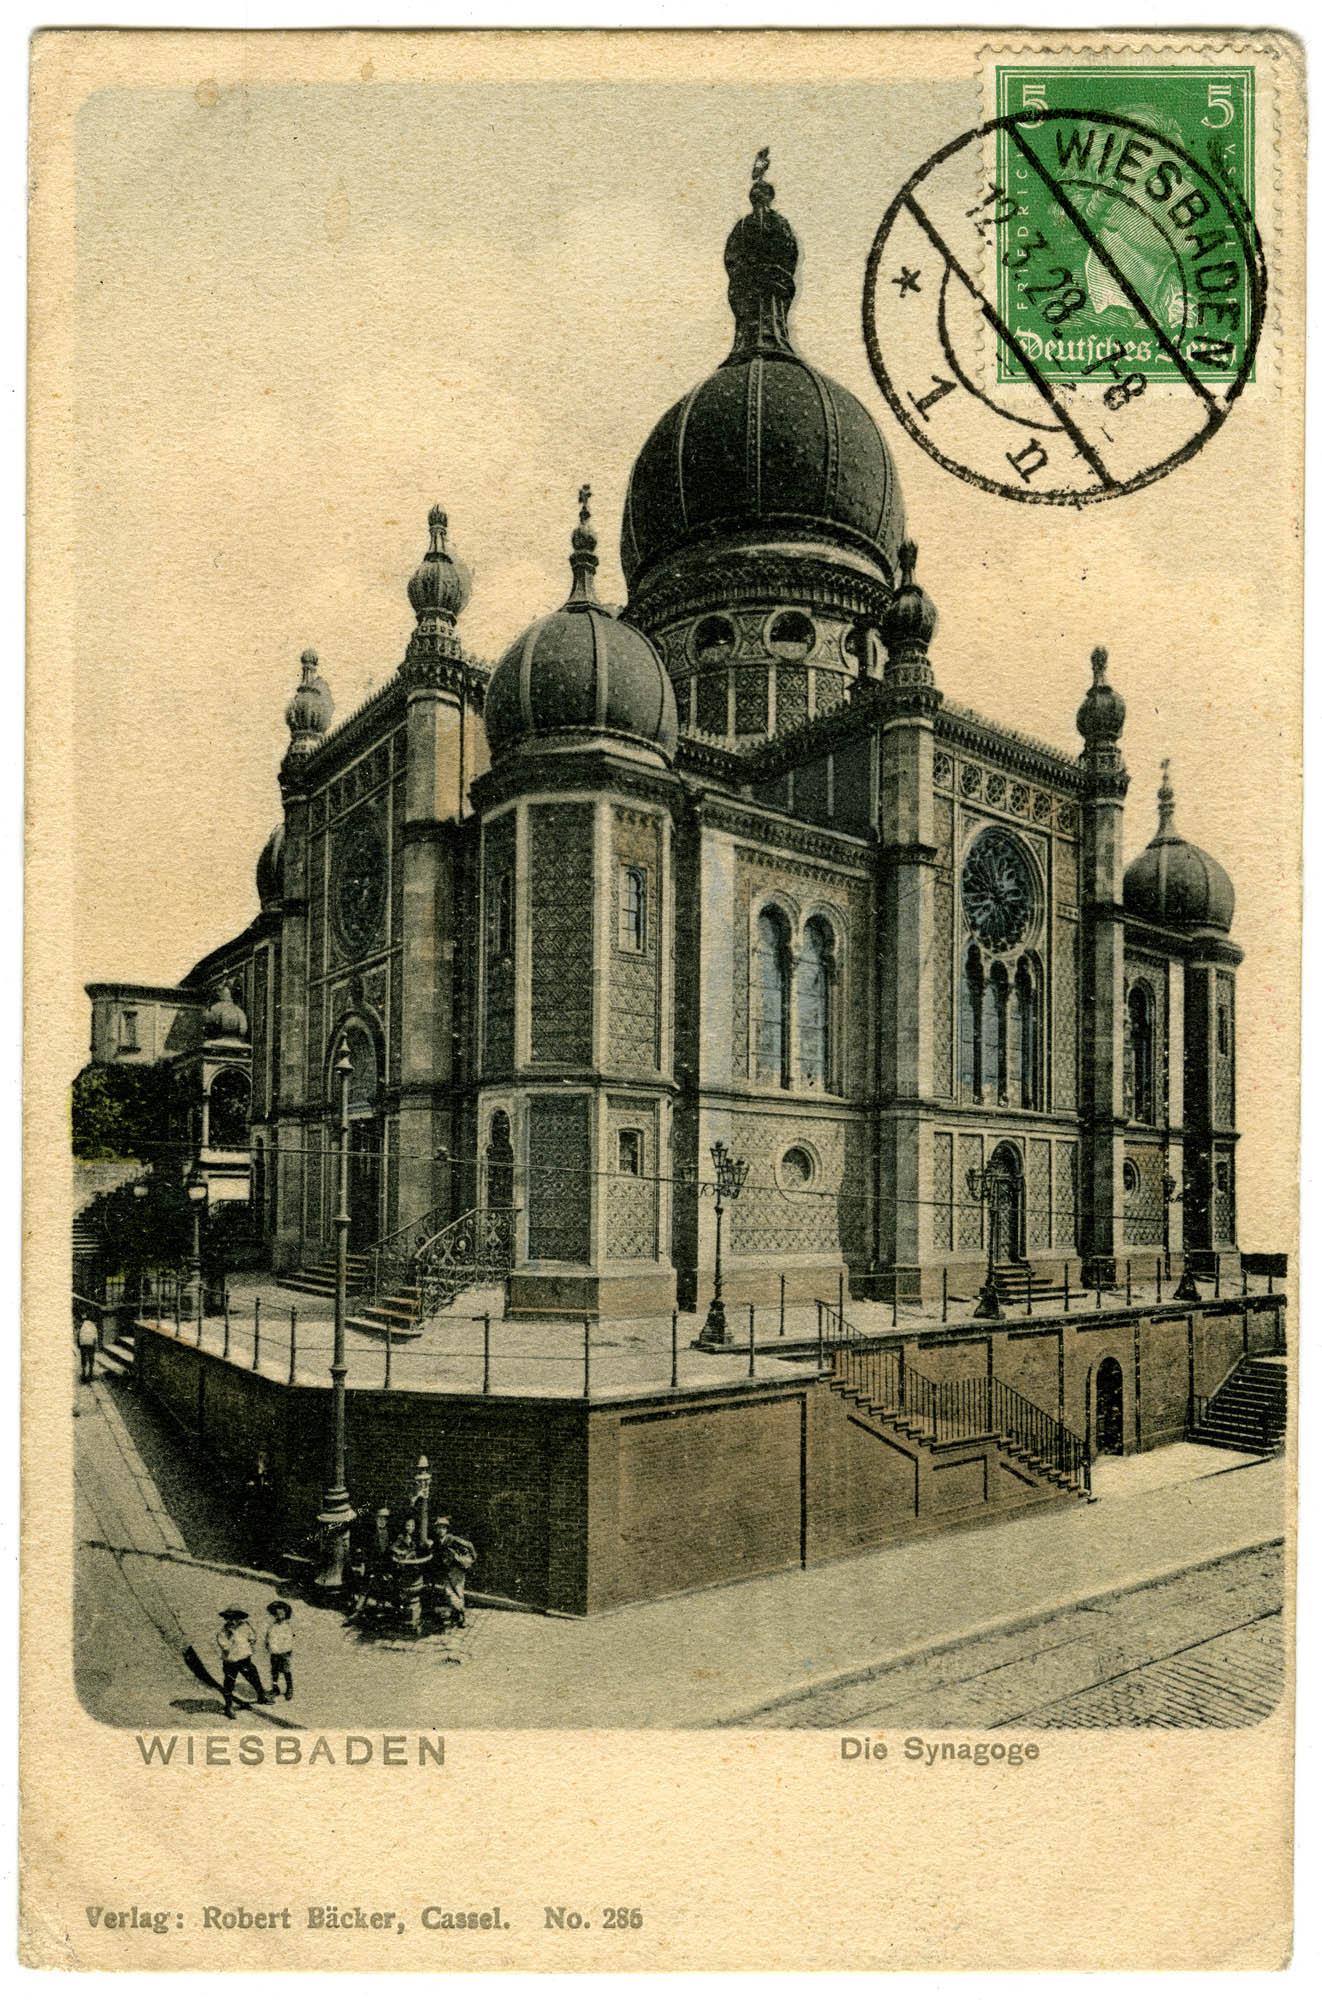 Wiesbaden, Die Synagoge